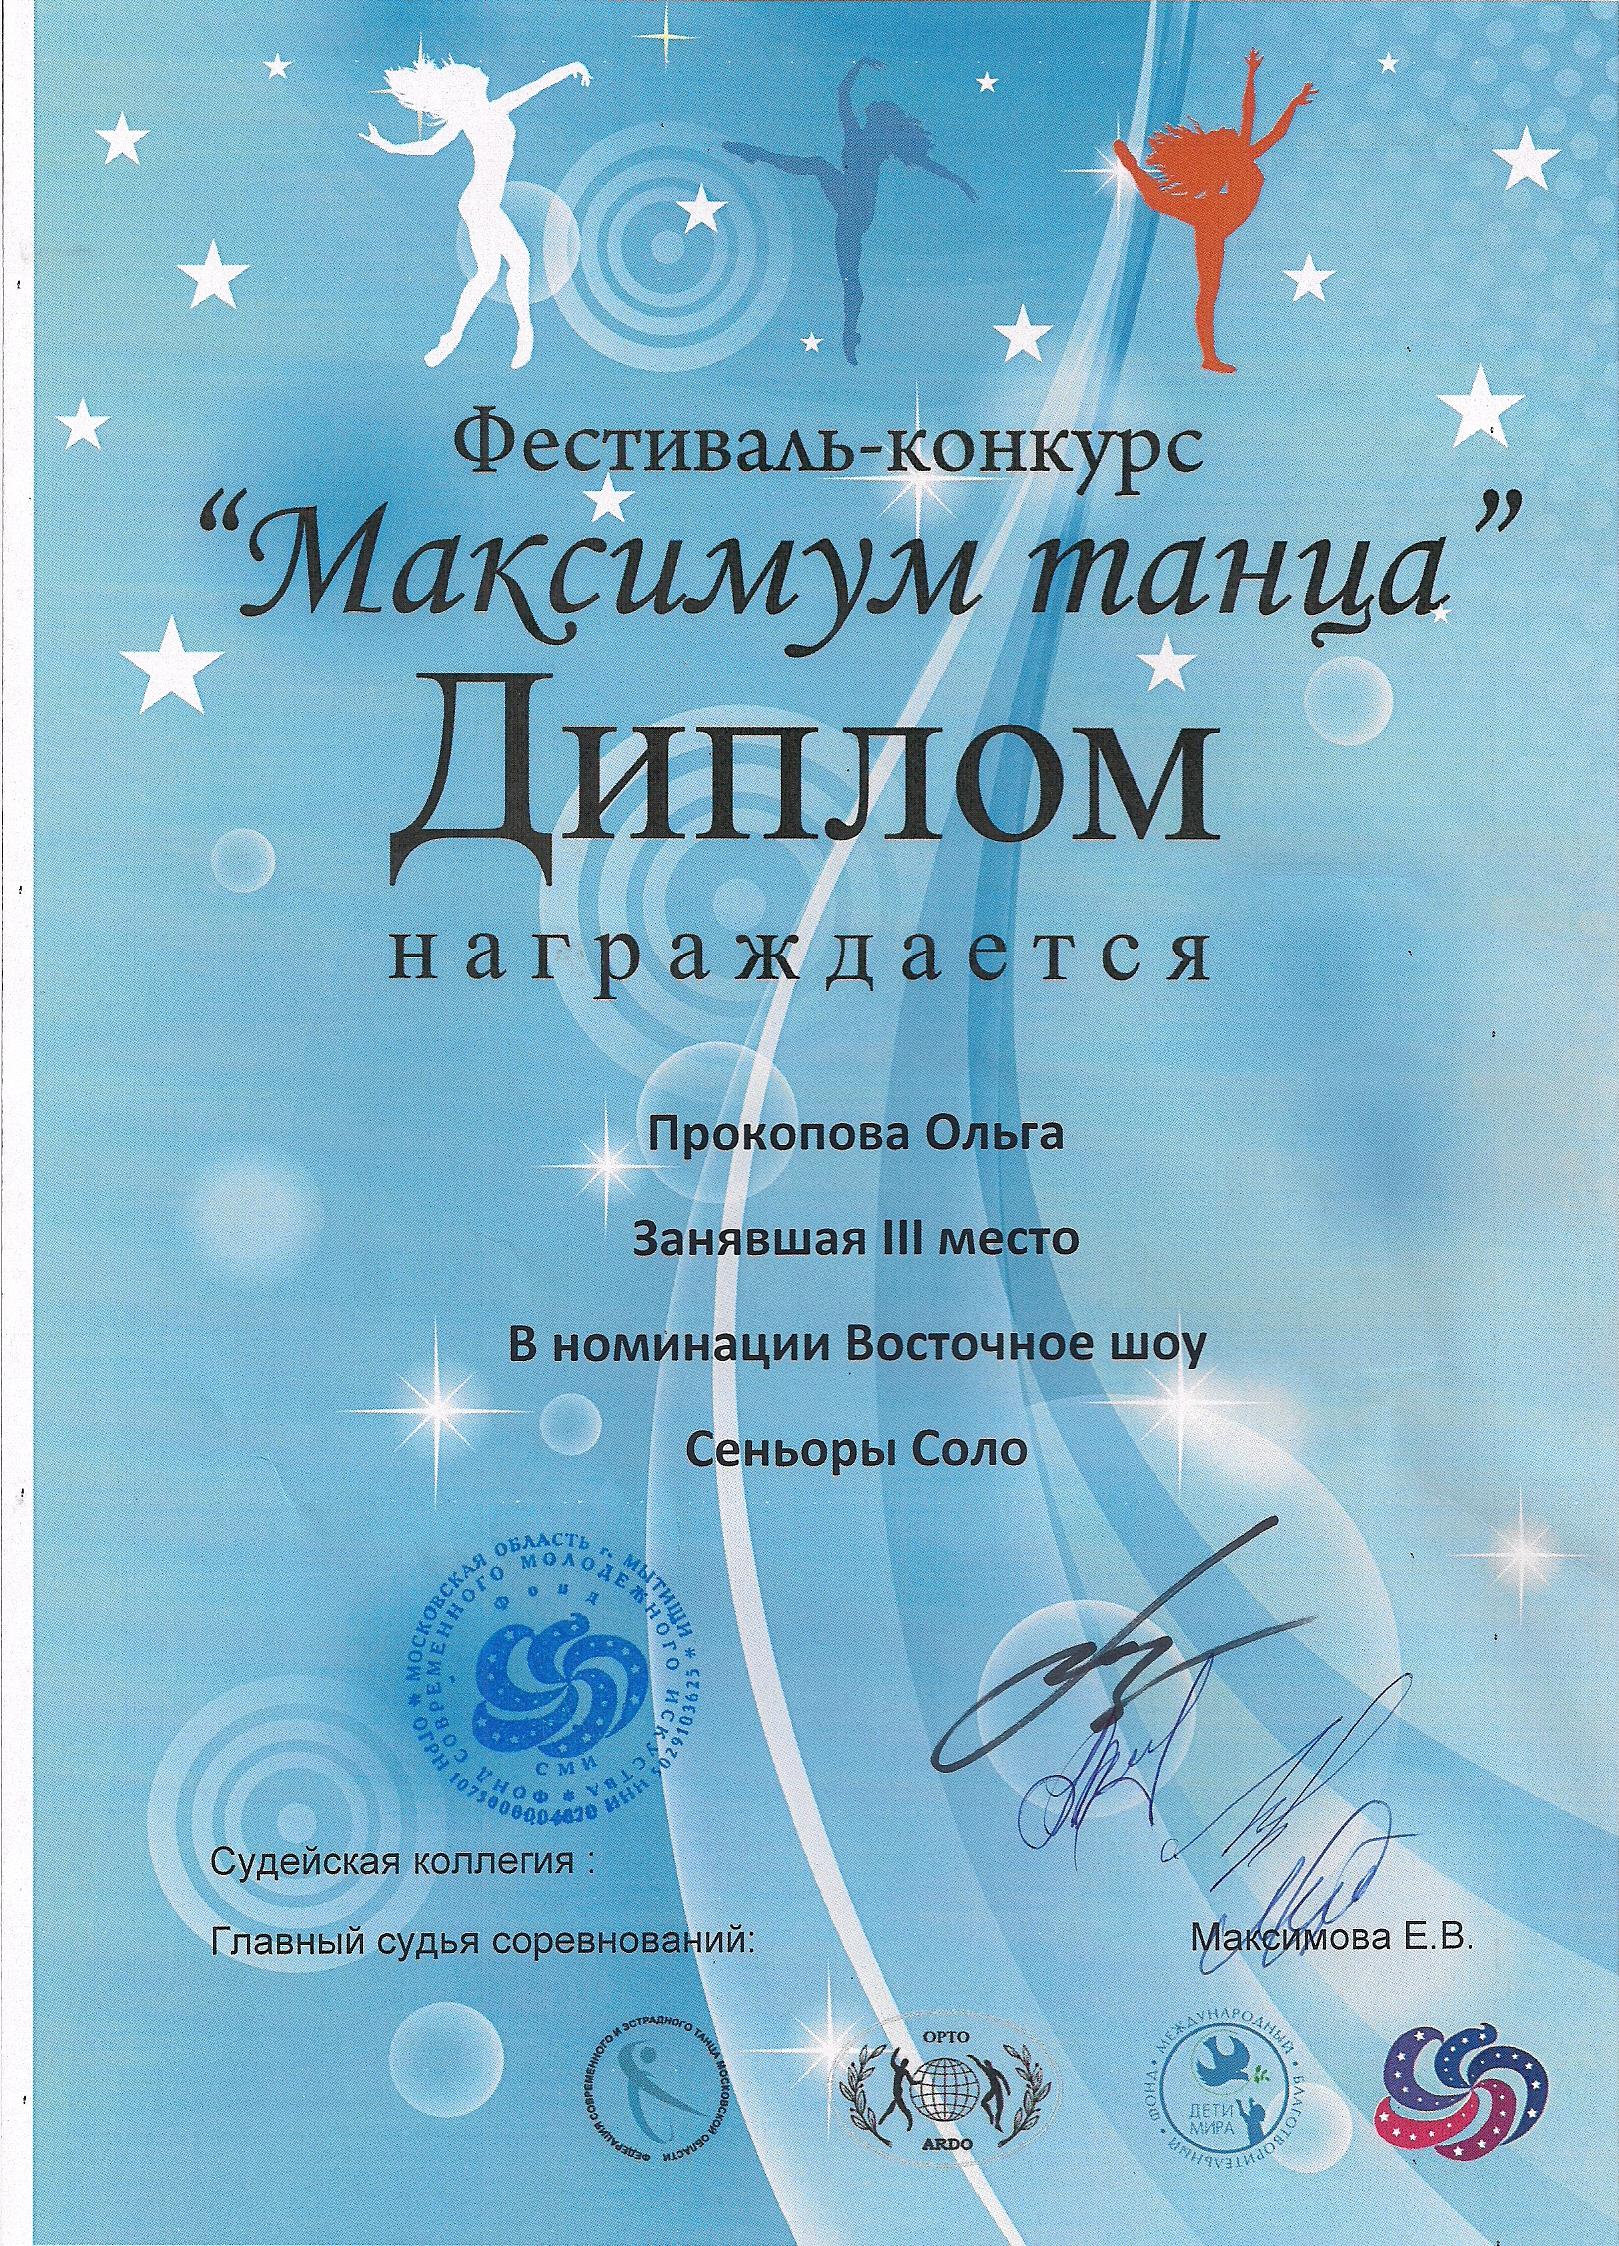 прокопова 3.jpg